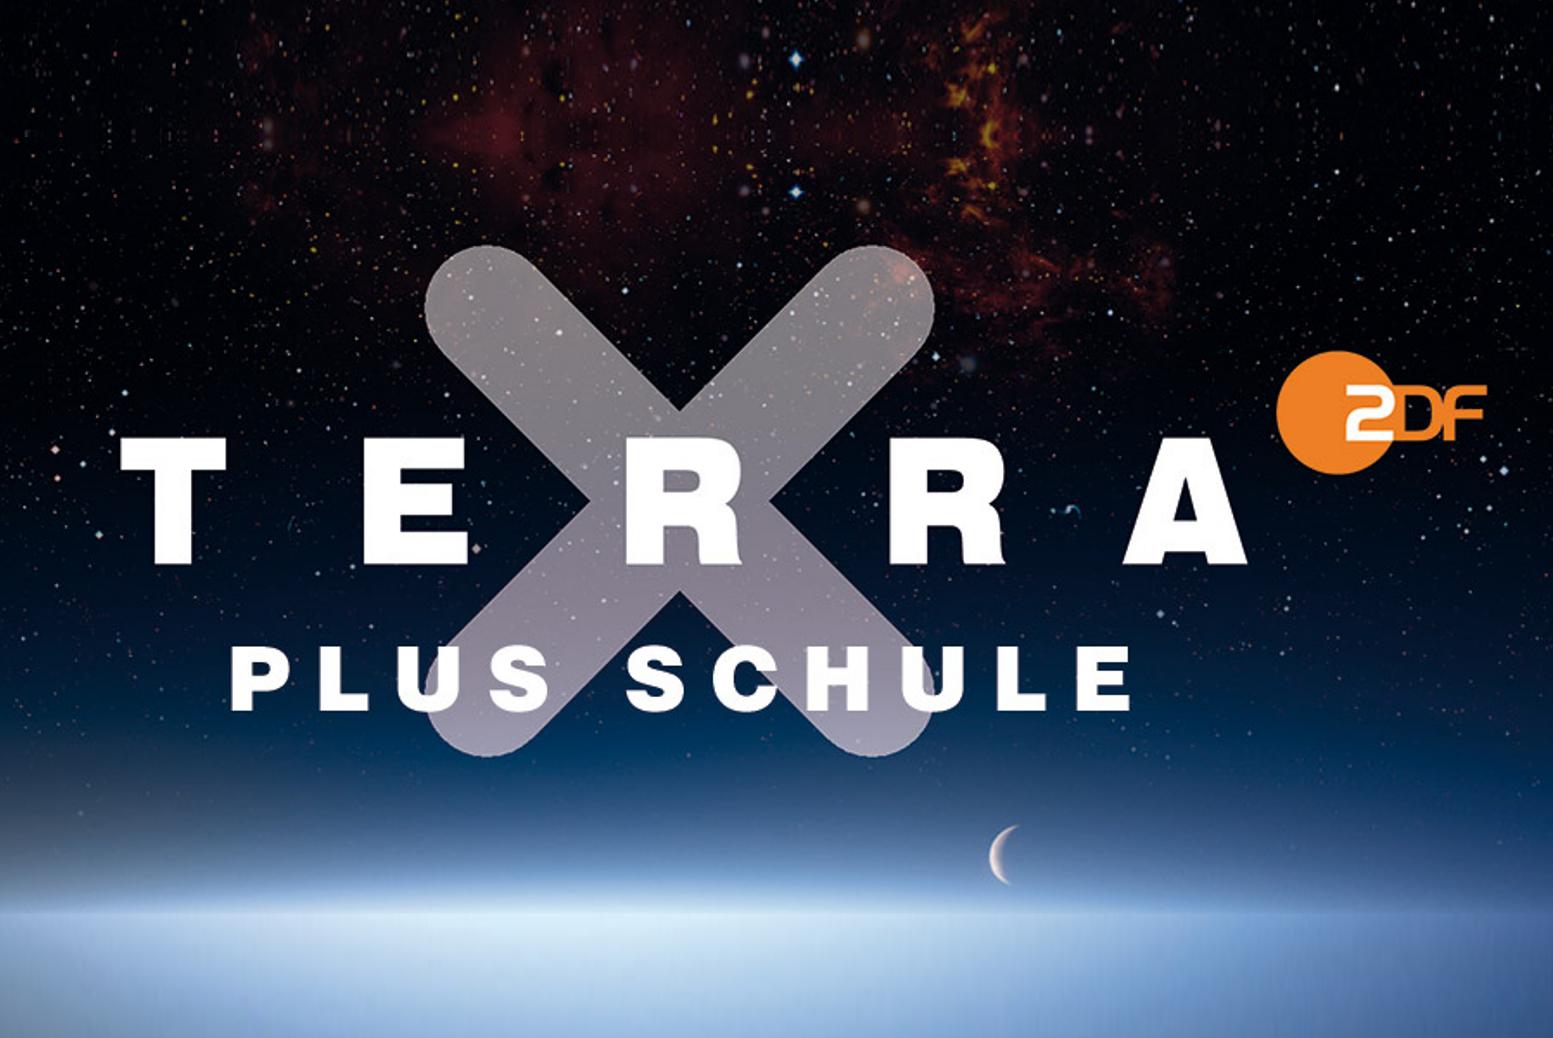 TerraXplusSchule